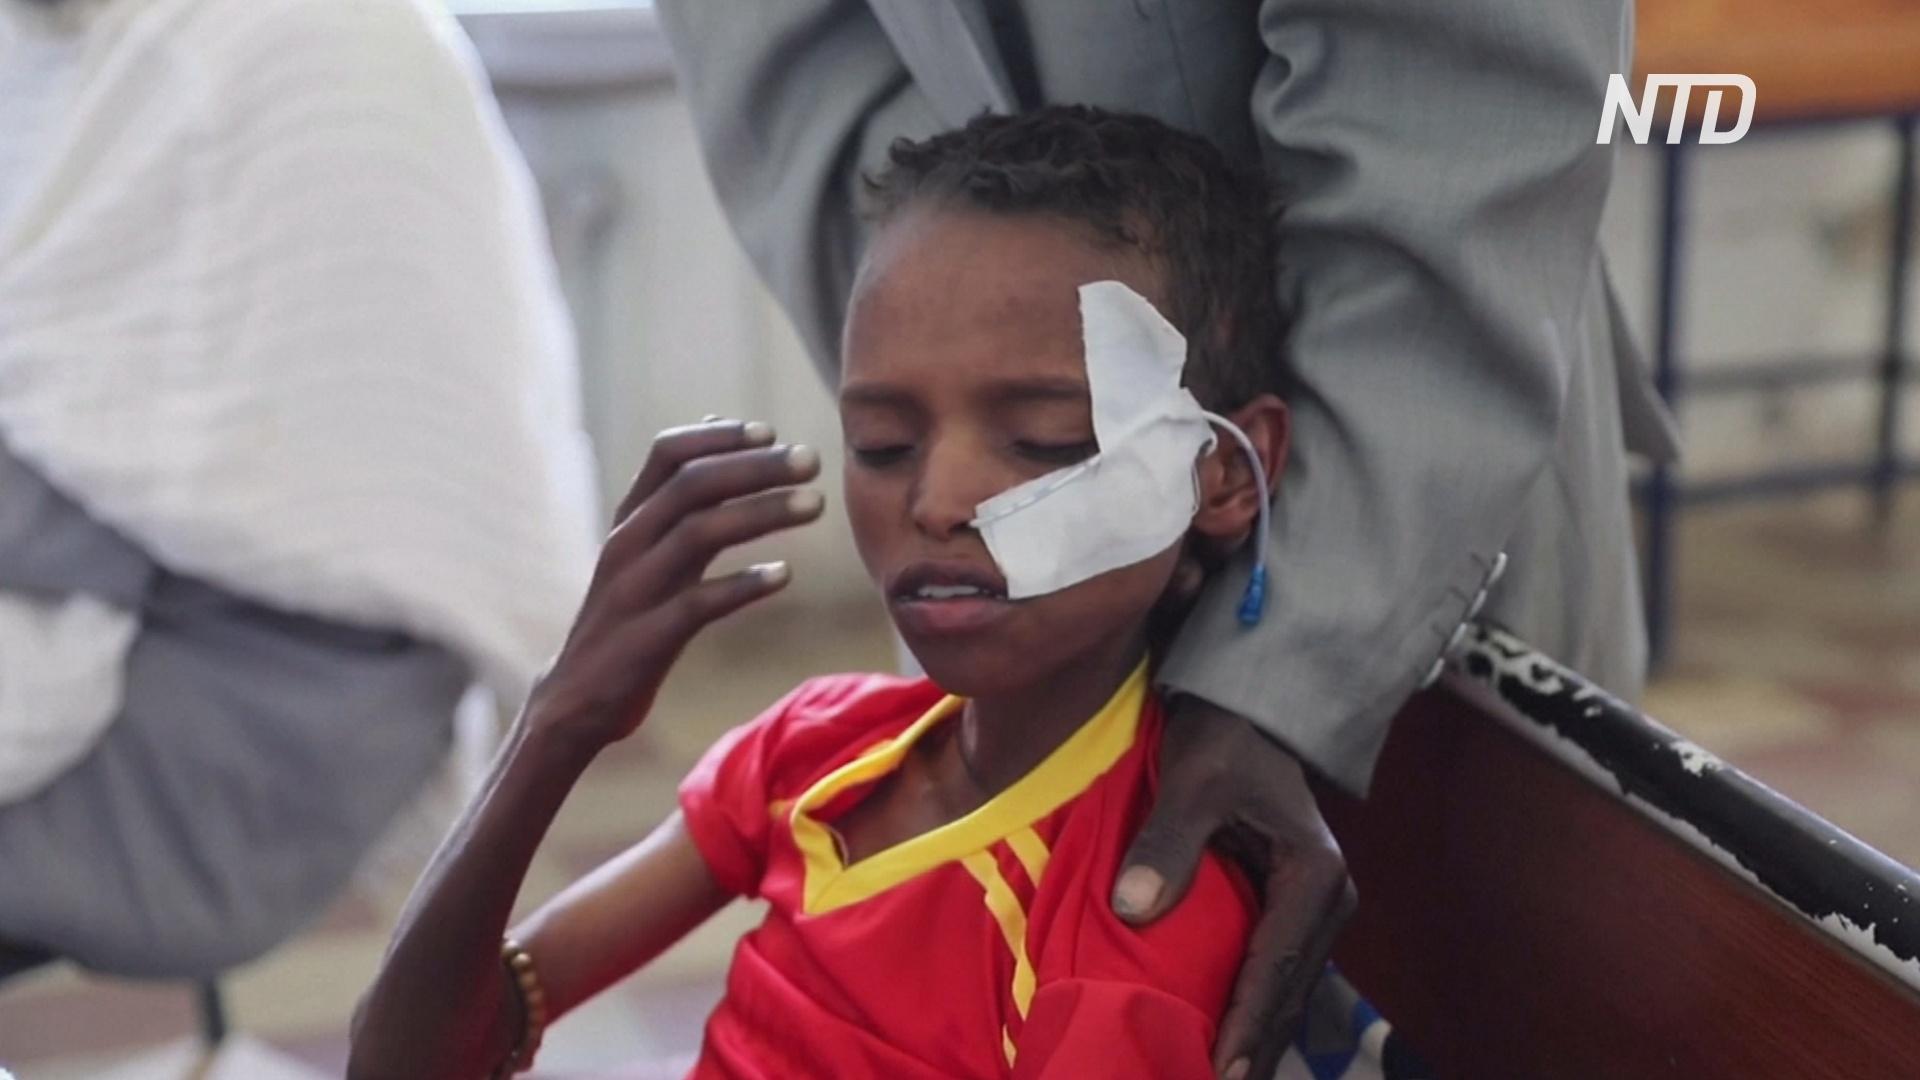 ООН: 350 тысяч жителей эфиопского региона Тыграй голодают из-за вооружённого конфликта